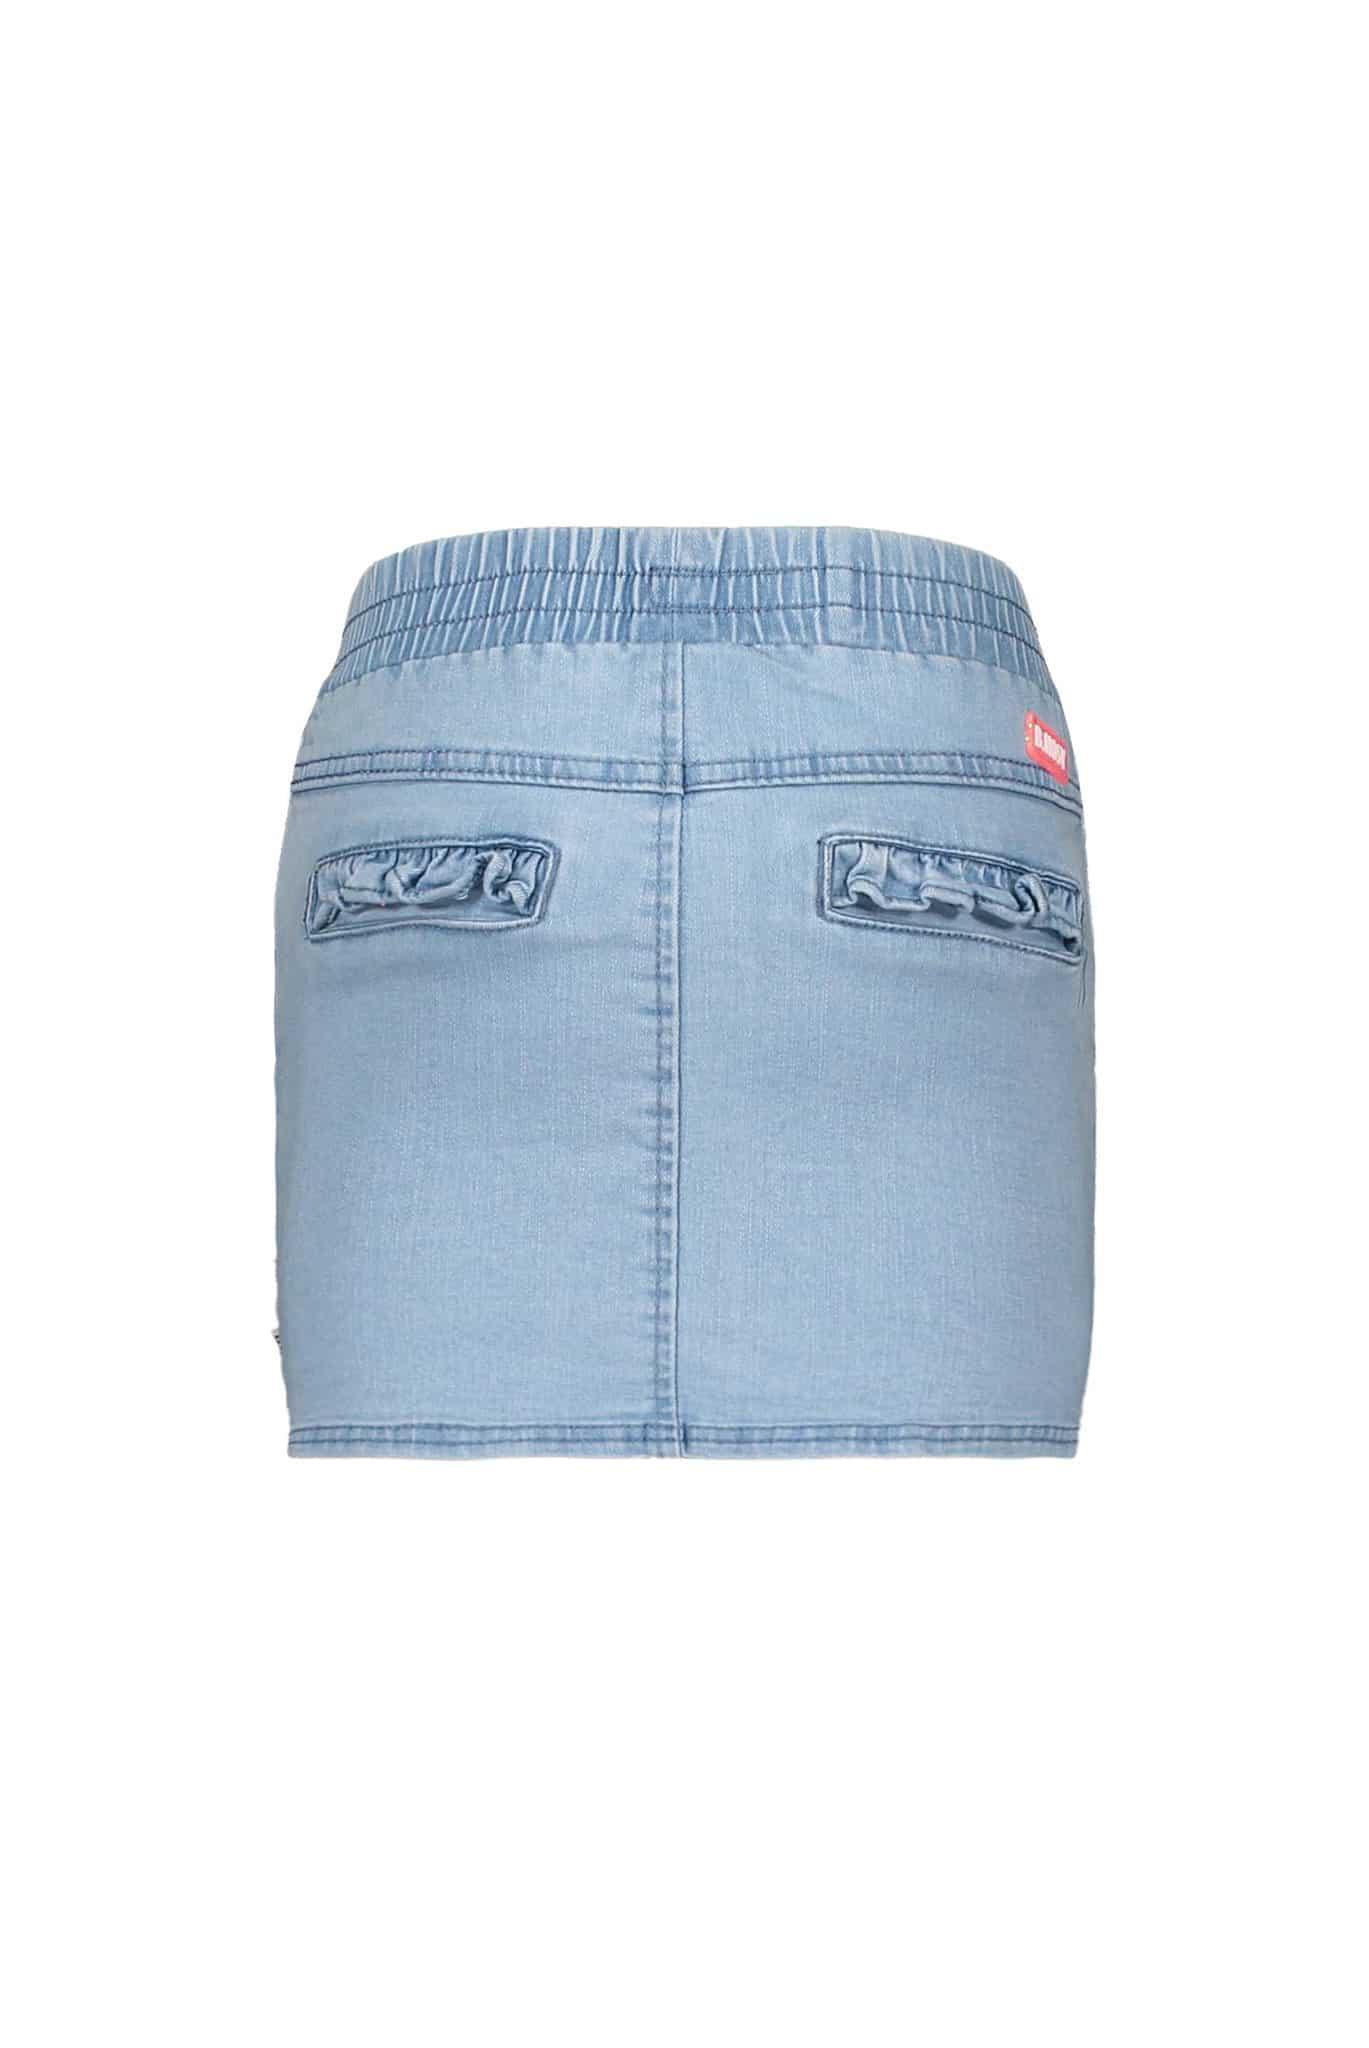 B Nosy Skirt